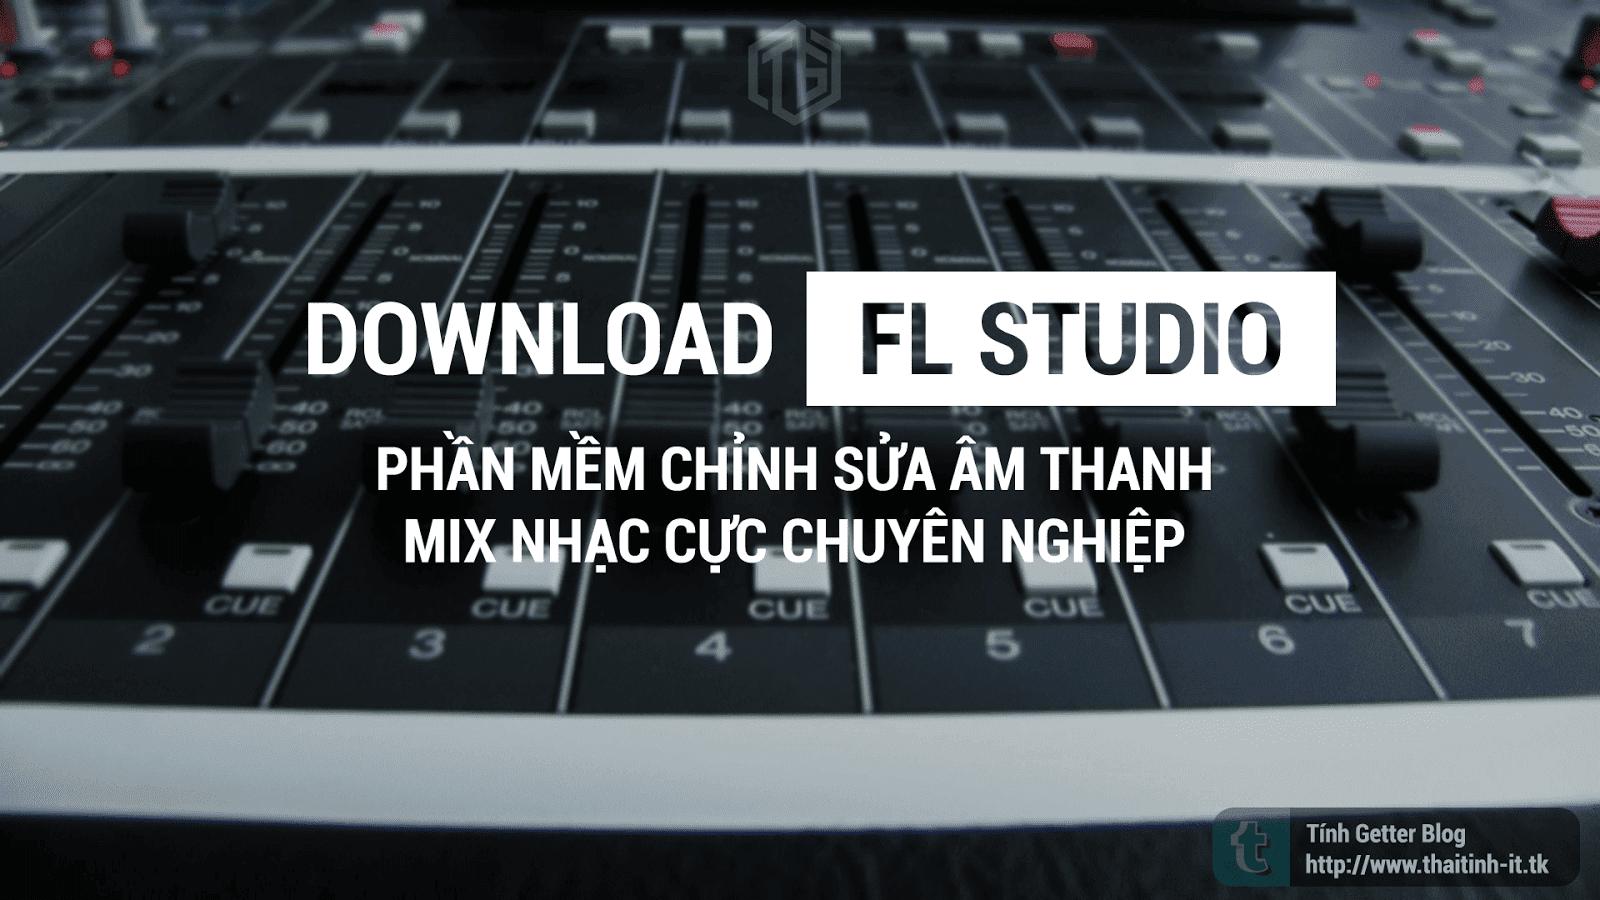 Phần Mềm | Download Fl Studio - Phần Mềm Chỉnh Sửa Âm Thanh Chuyên Nghiệp